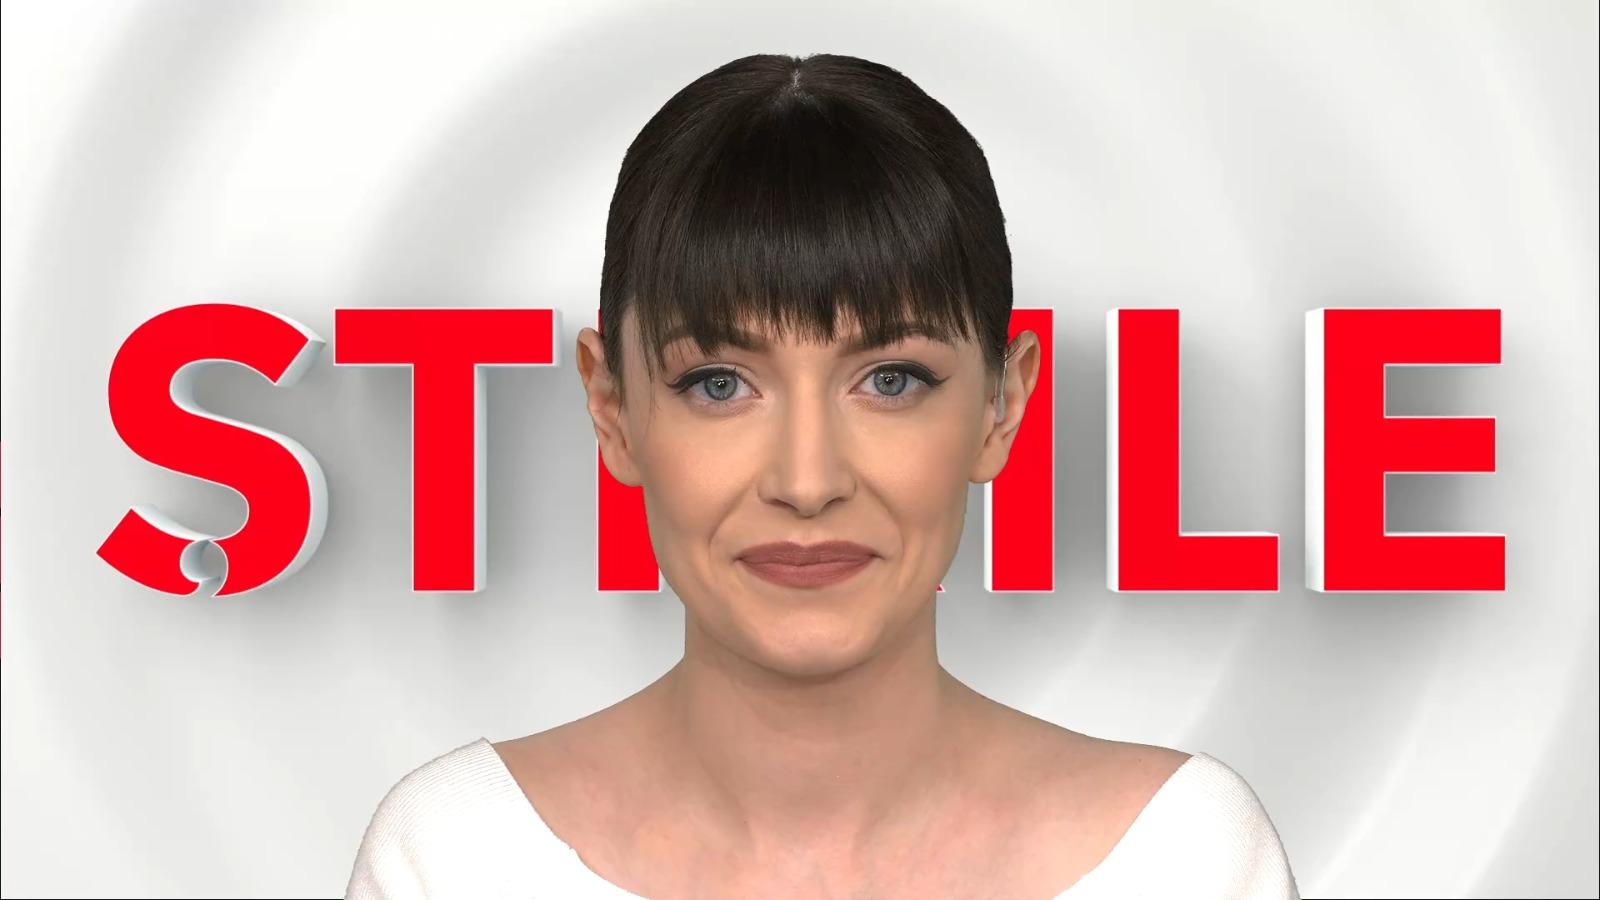 Ştirile de la ora 10:00, prezentate de Tatiana Lipchin, 24 mai 2021